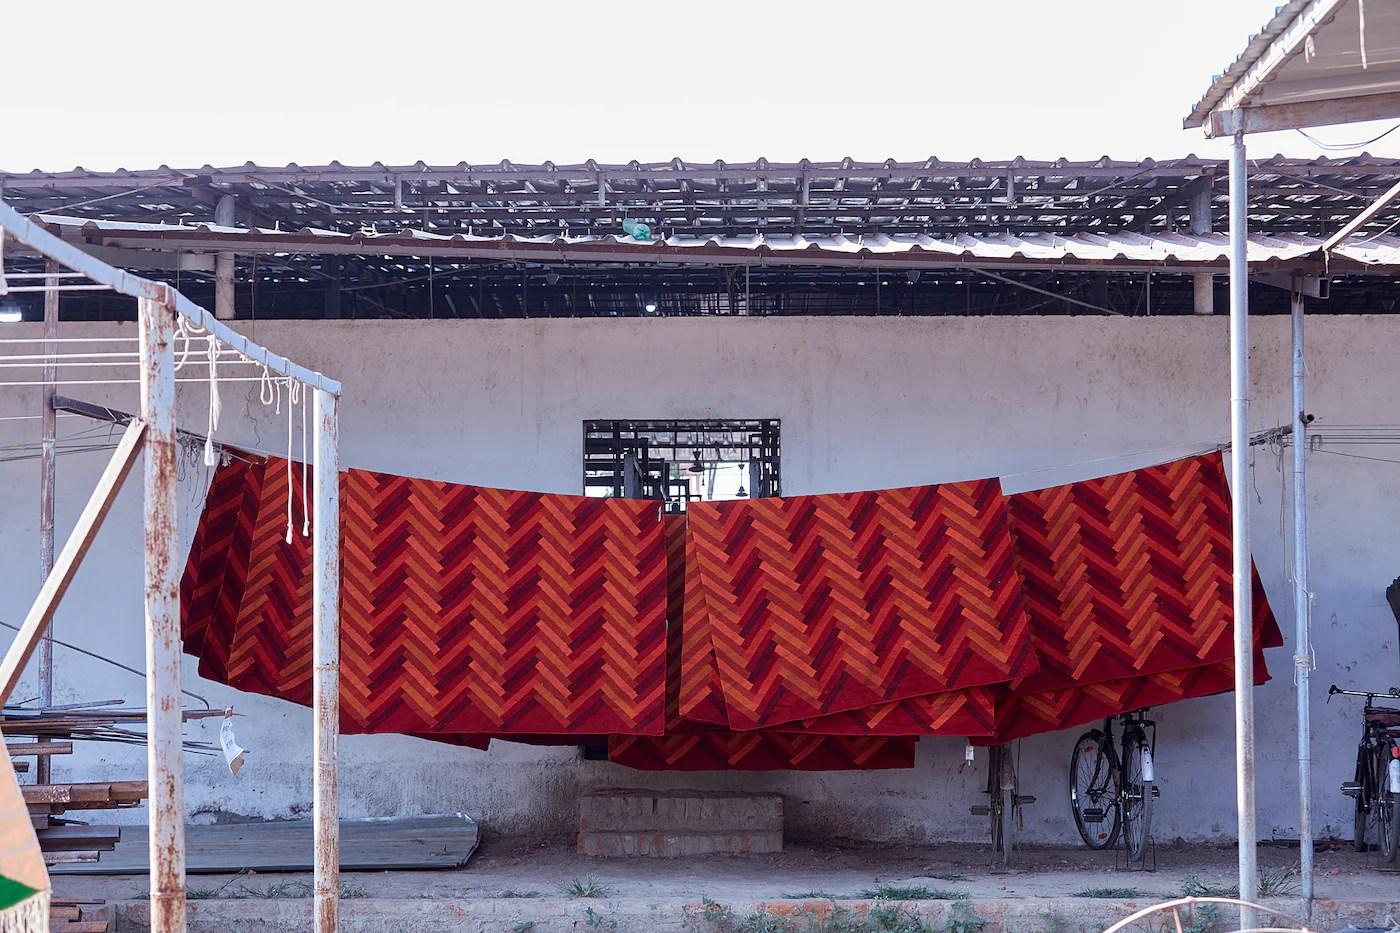 stockholm 2017 tapis tisse a plat fait main motif en zigzag orange 170x240 cm